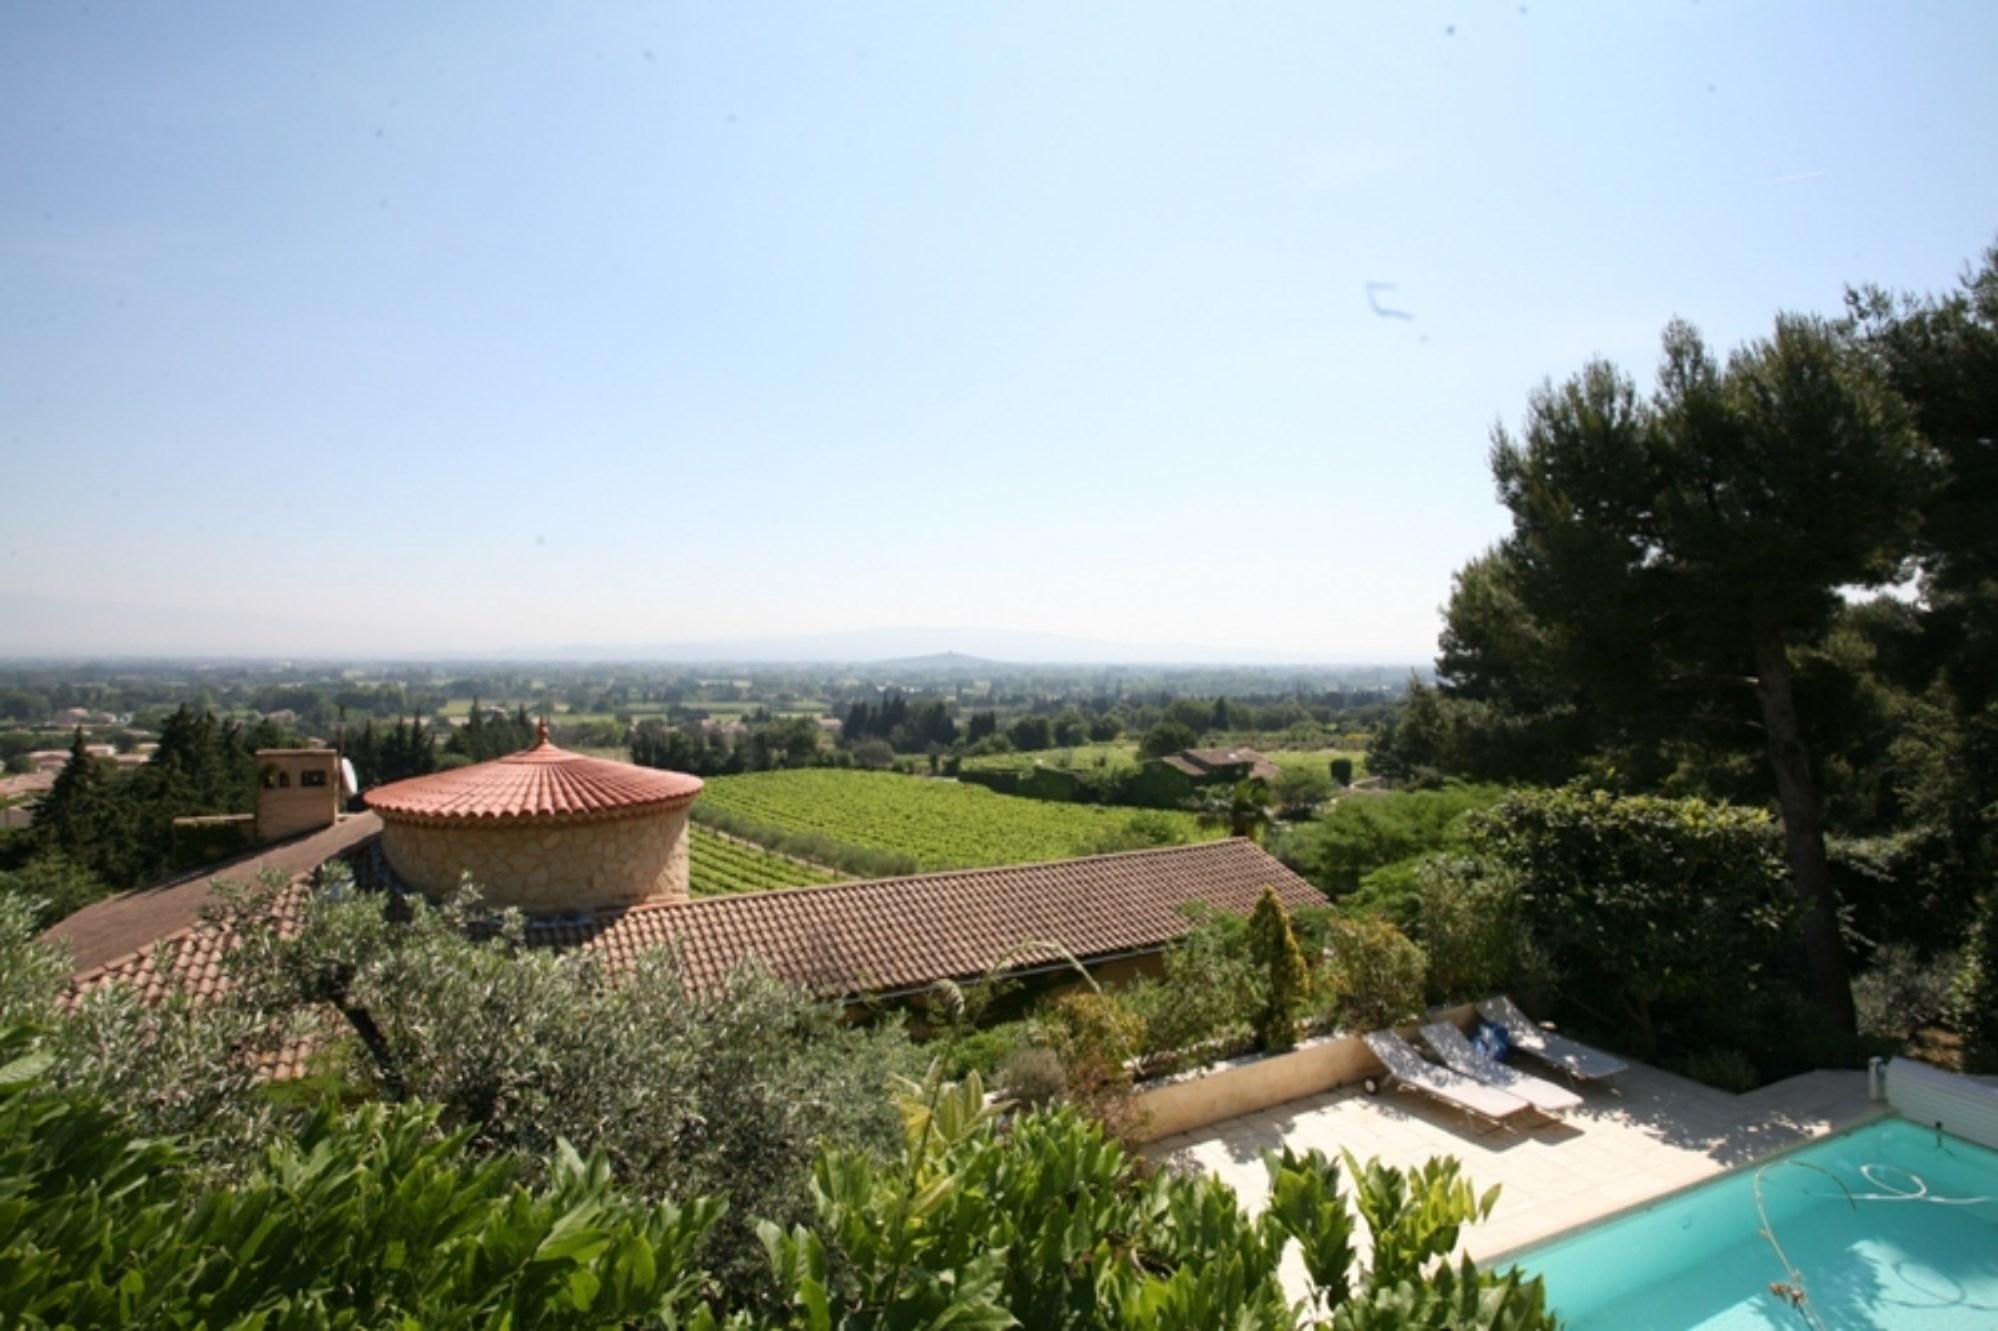 A vendre dans le Comtat Venaissin,  proche d'Avignon, maison en pierres de Gordes,  construite sur un promontoire lui offrant une superbe vue dégagée  avec jardin et piscine